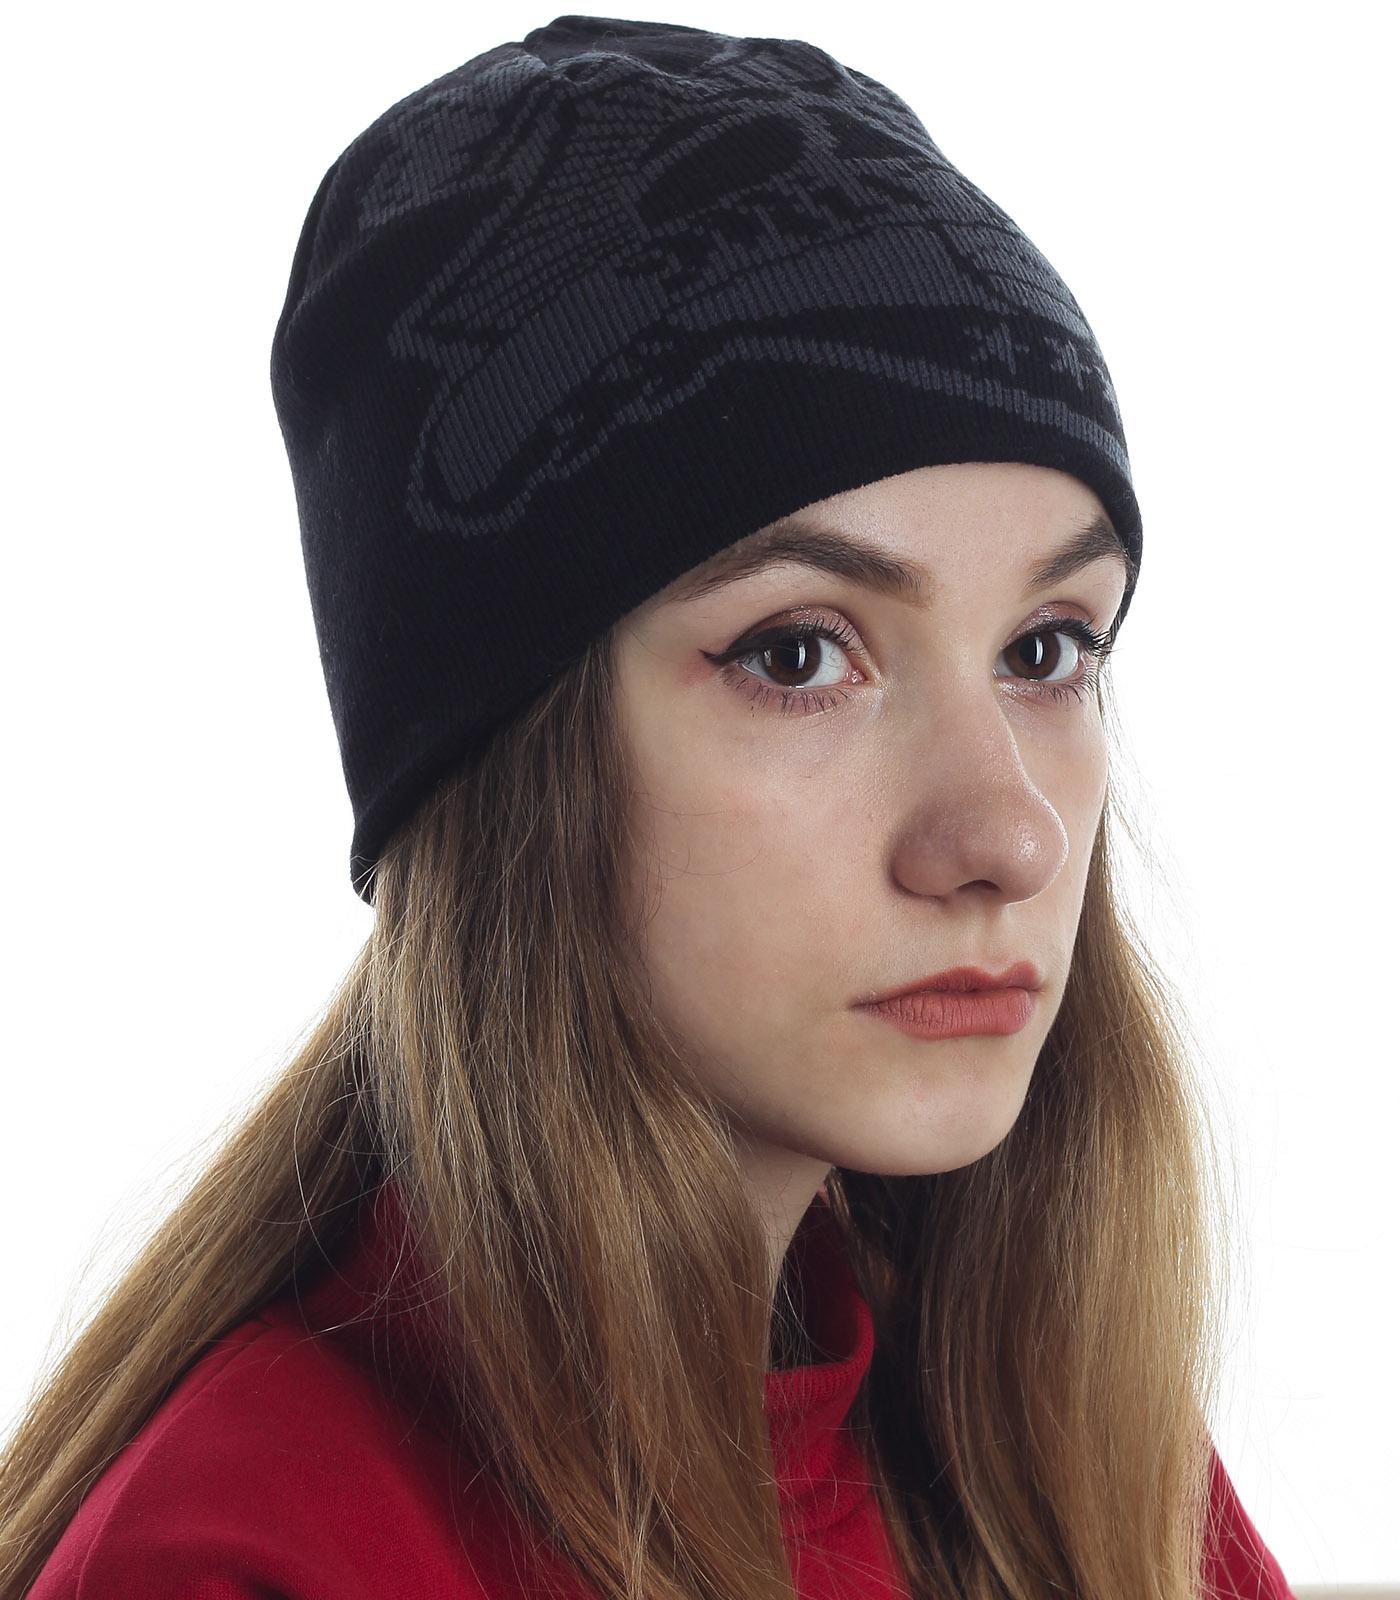 Универсальная шапка для модных девушек 3359224aba356